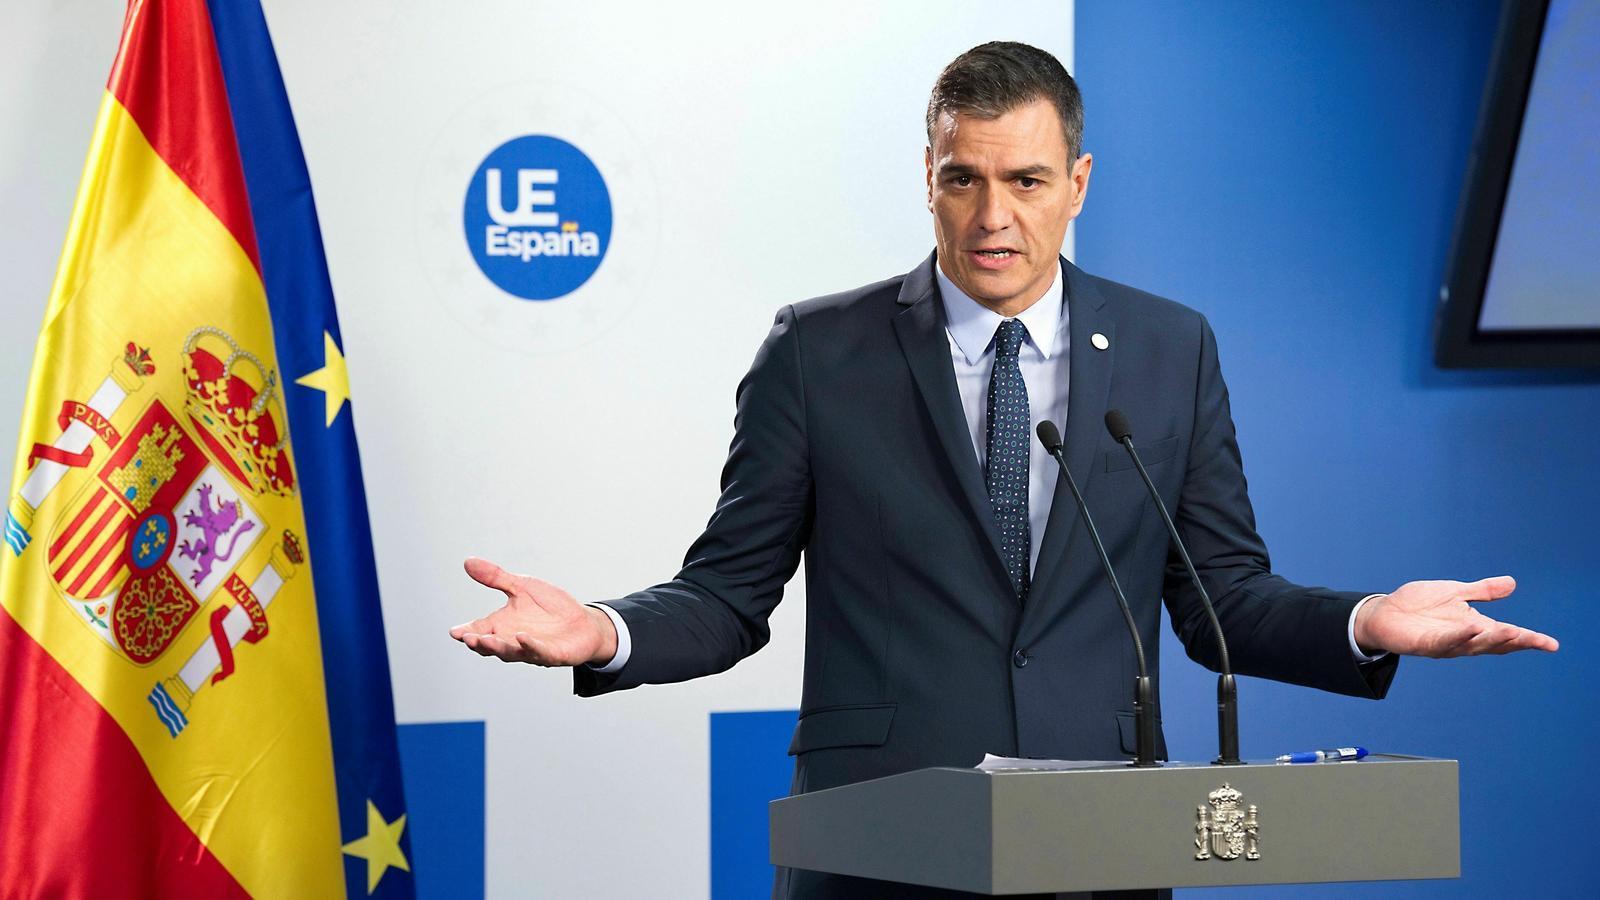 El president del govern espanyol en funcions, Pedro Sánchez, divendres a Brussel·les